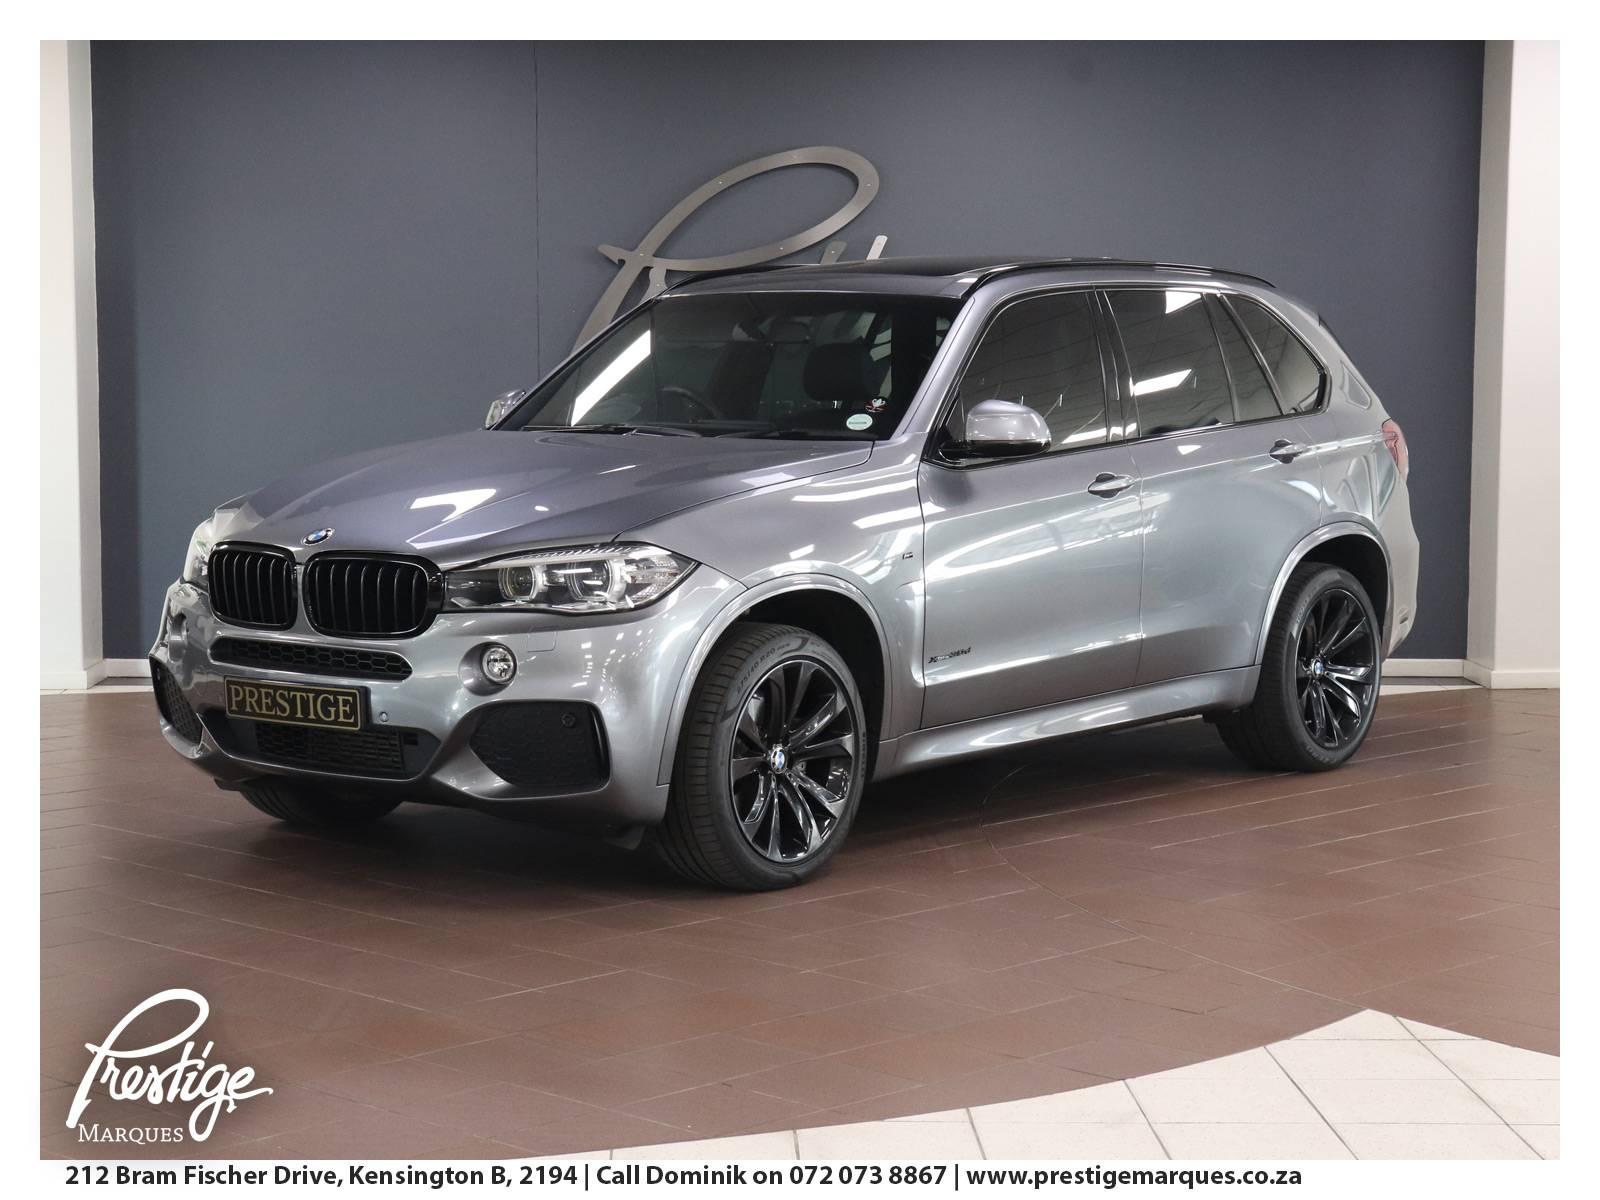 2015-BMW-X5-30d-M-Sport-X-drive-Prestige-Marques-6